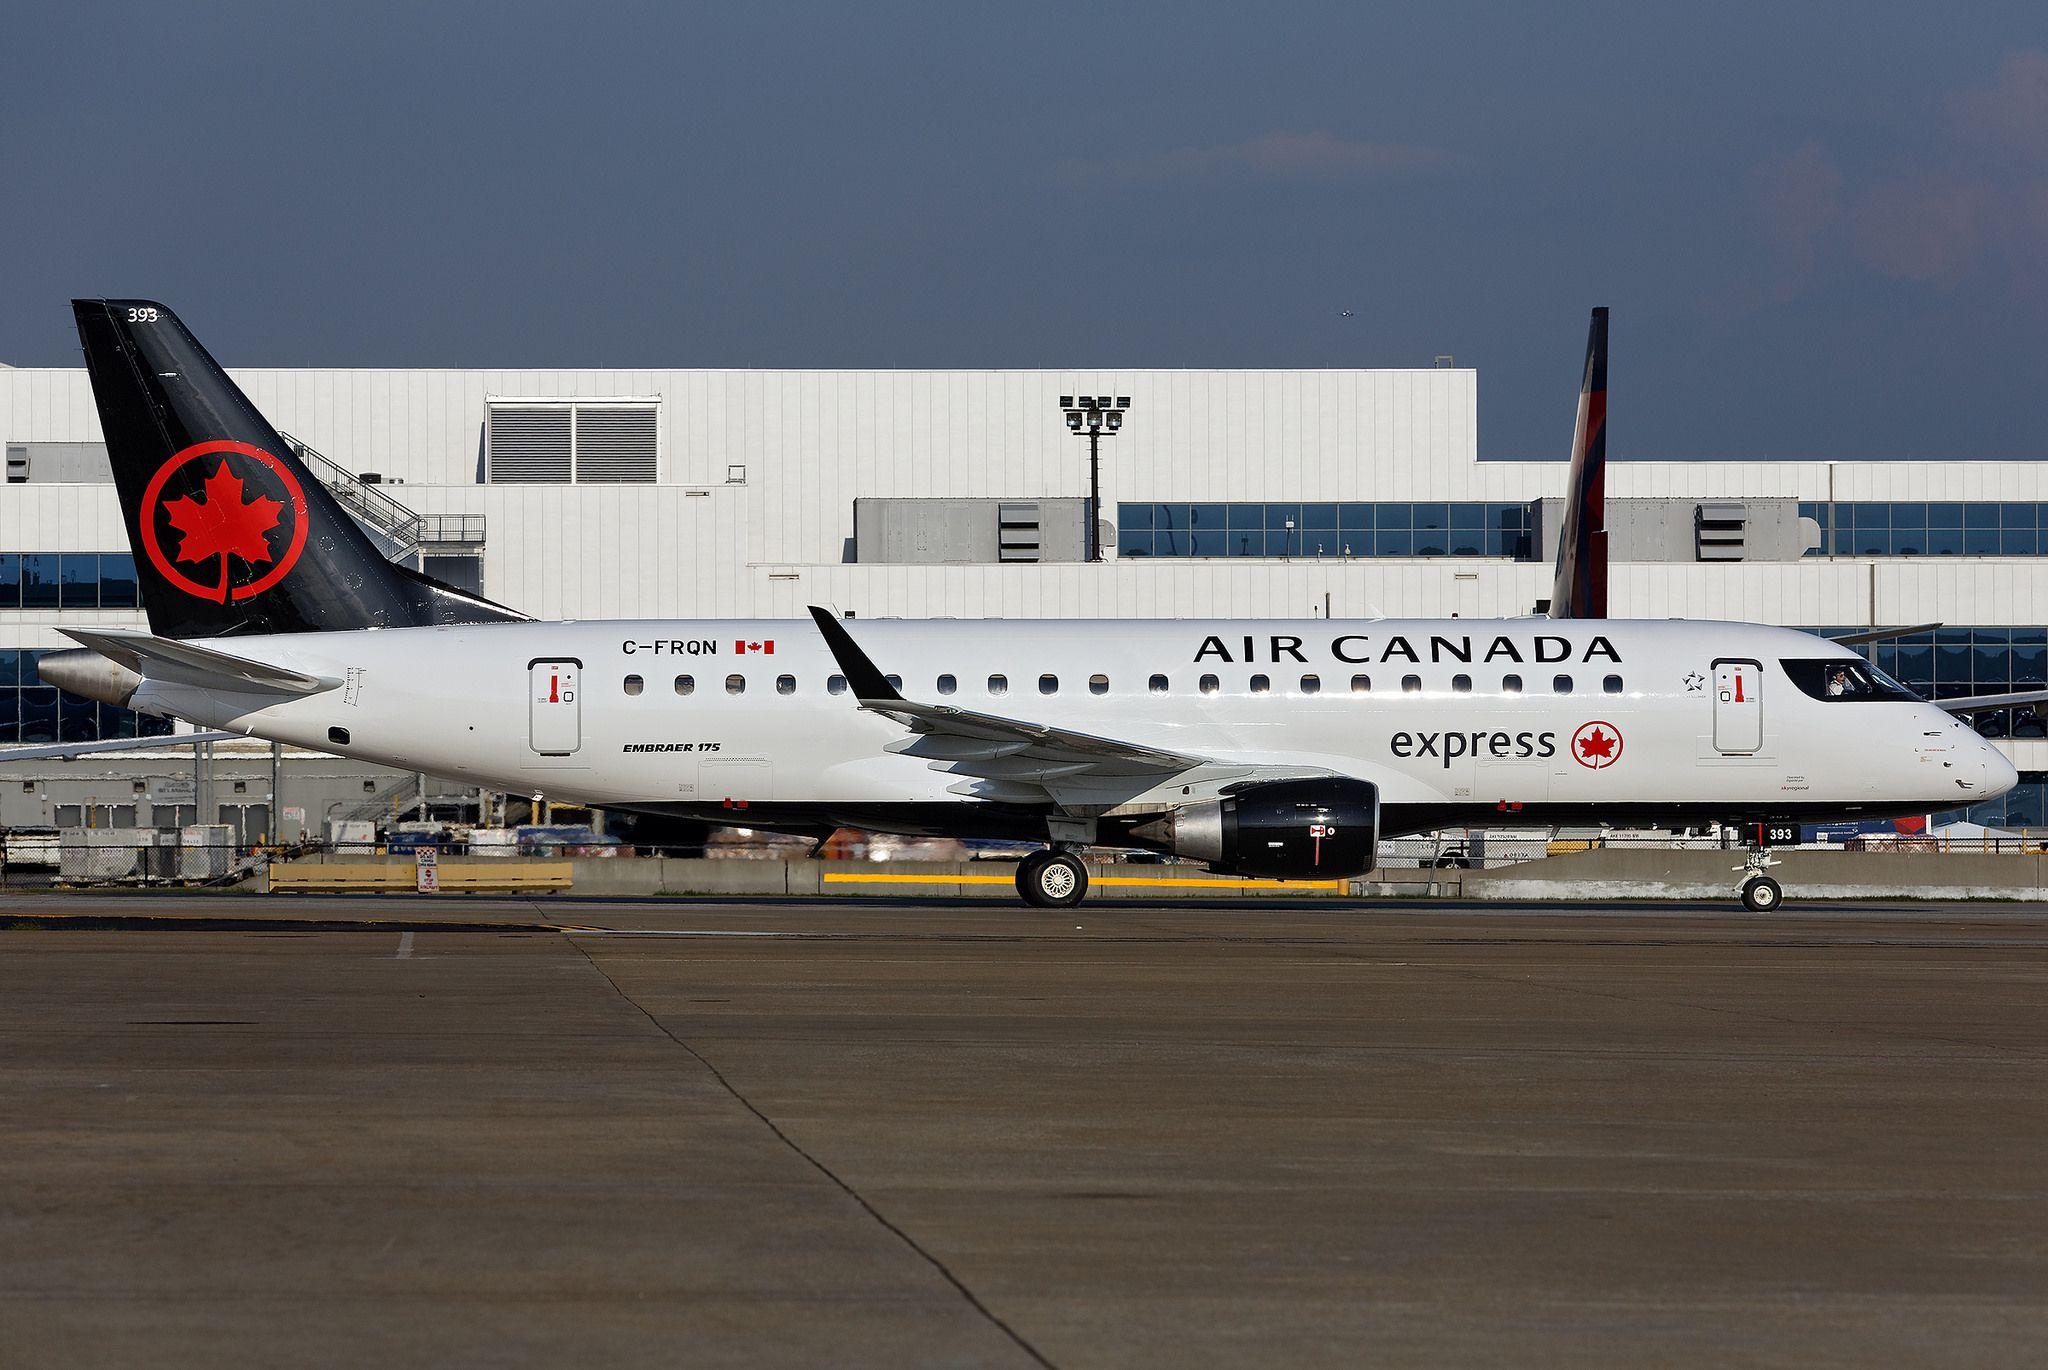 CFRQN Embraer ERJ175LR Air Canada Express KATL